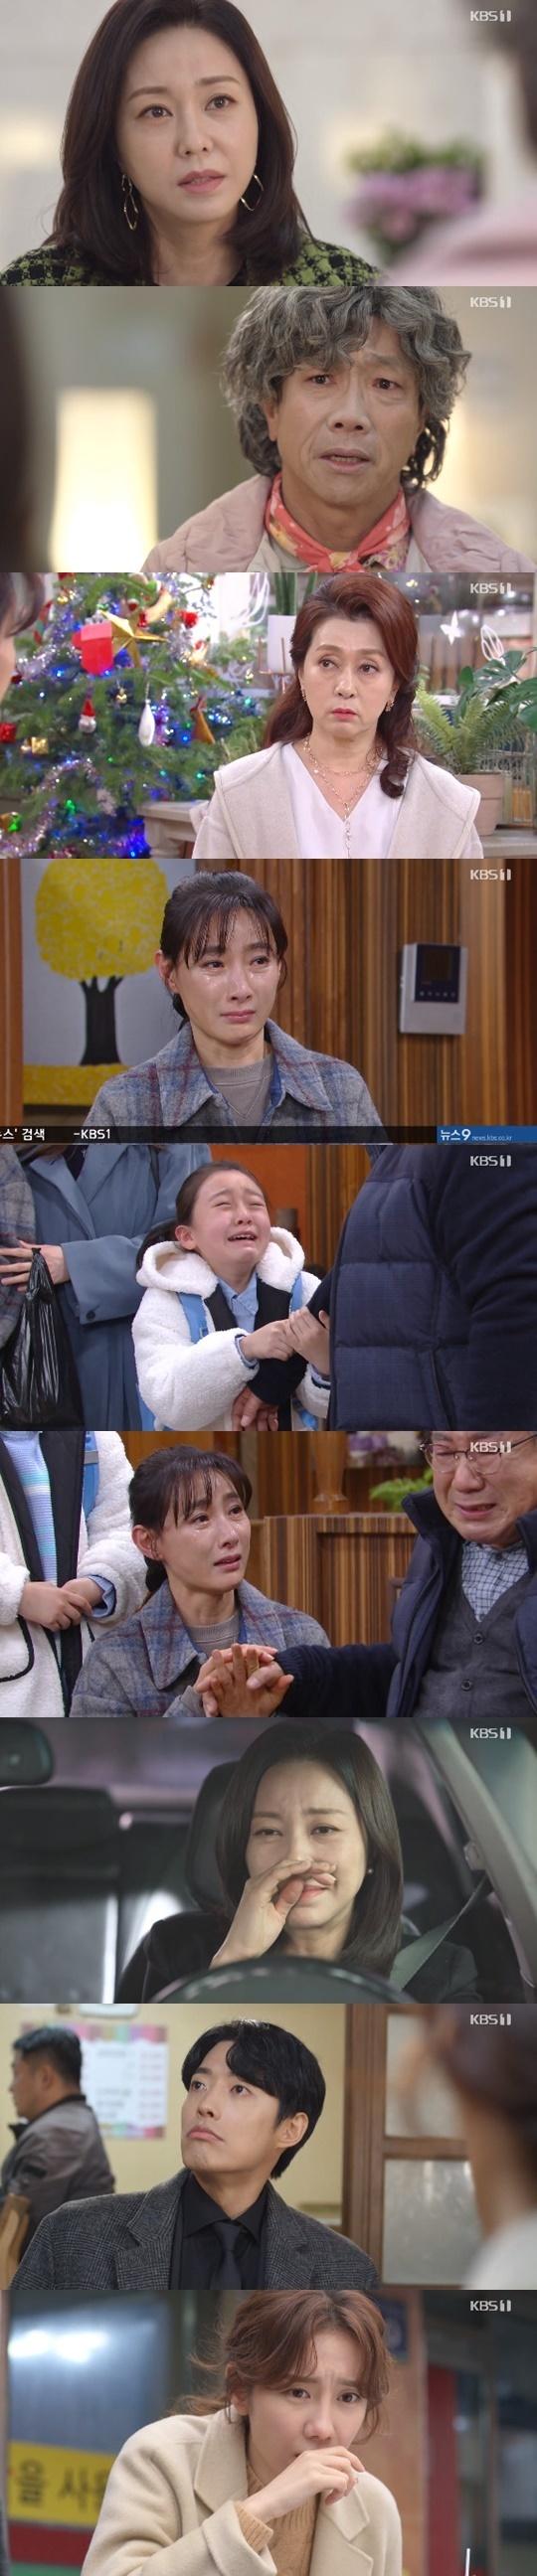 KBS 1TV '누가 뭐래도' © 뉴스1